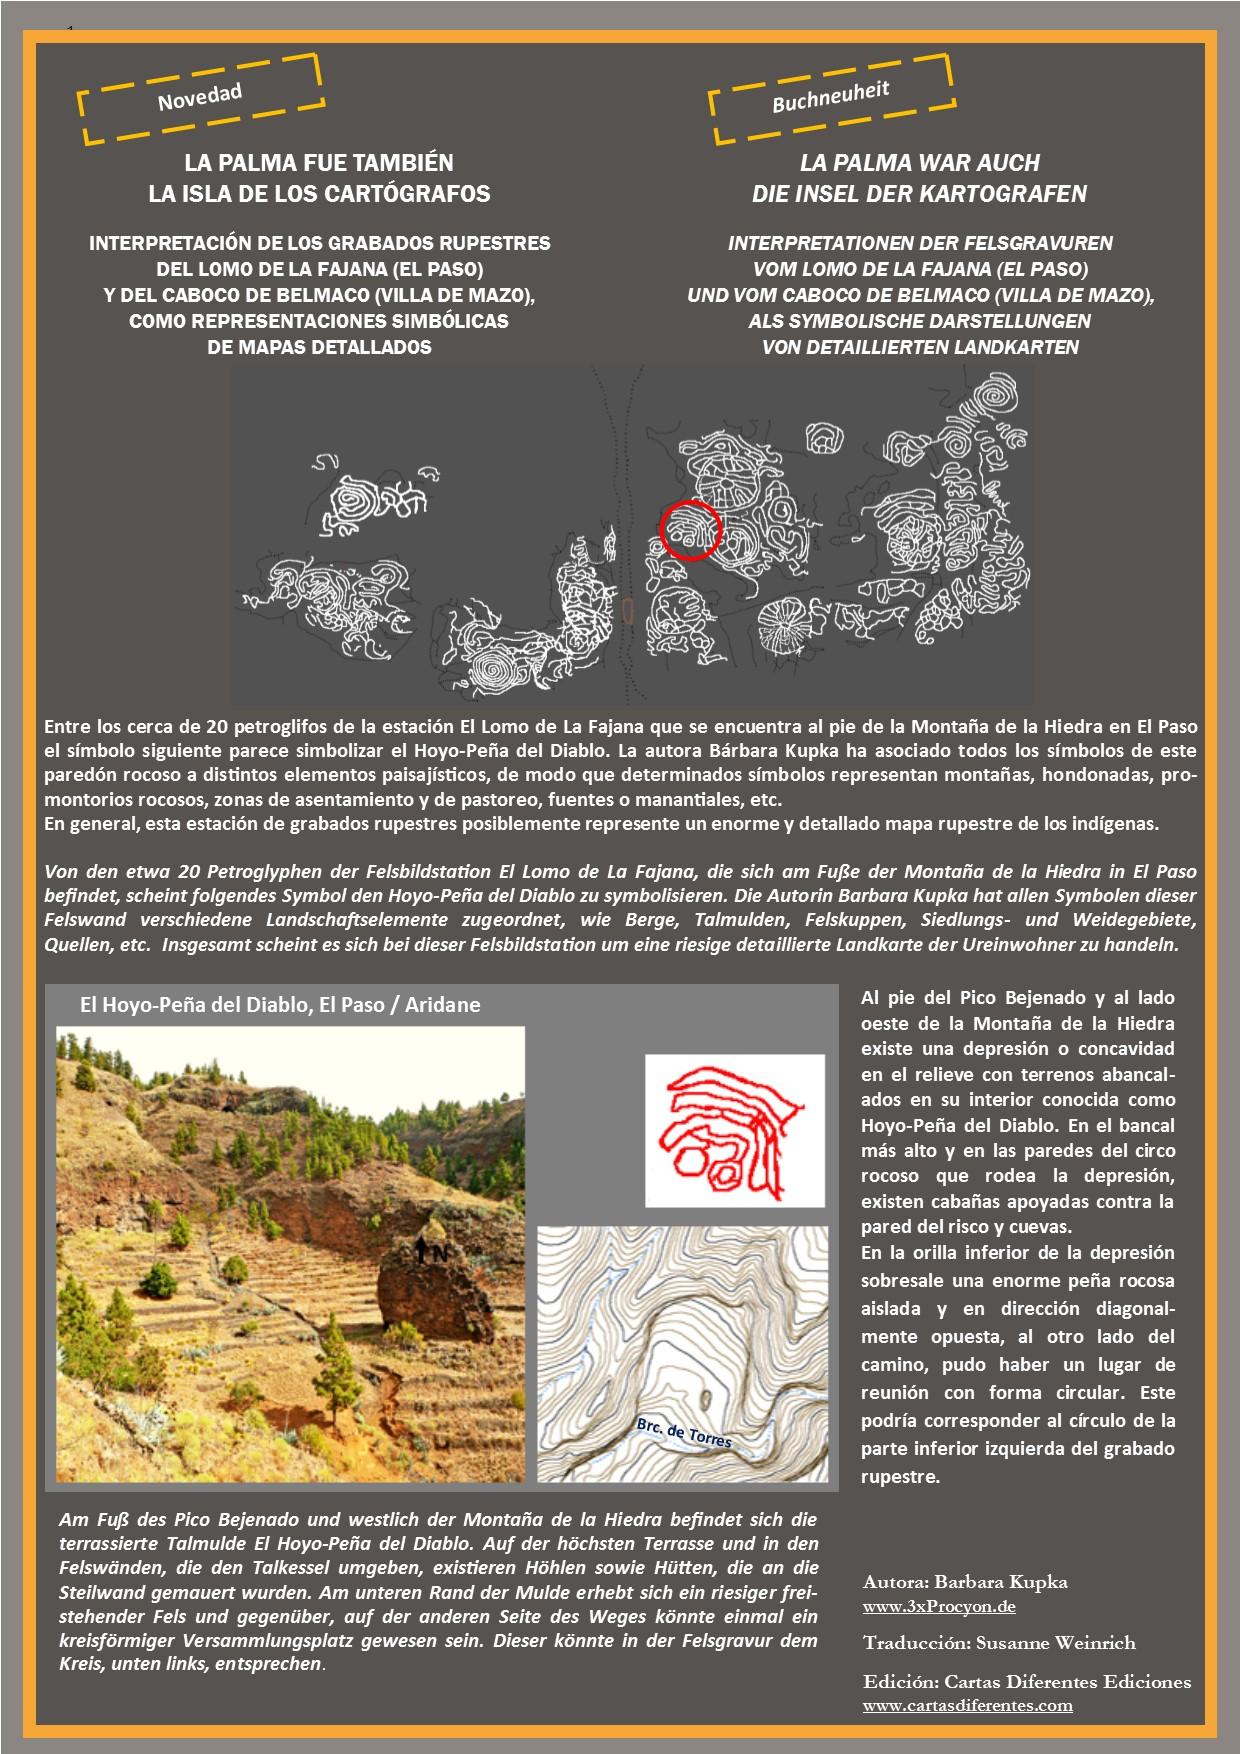 Este motivo circular se ajusta bastante bien a los elementos paisajísticos del Hoyo-Peña de Diablo.